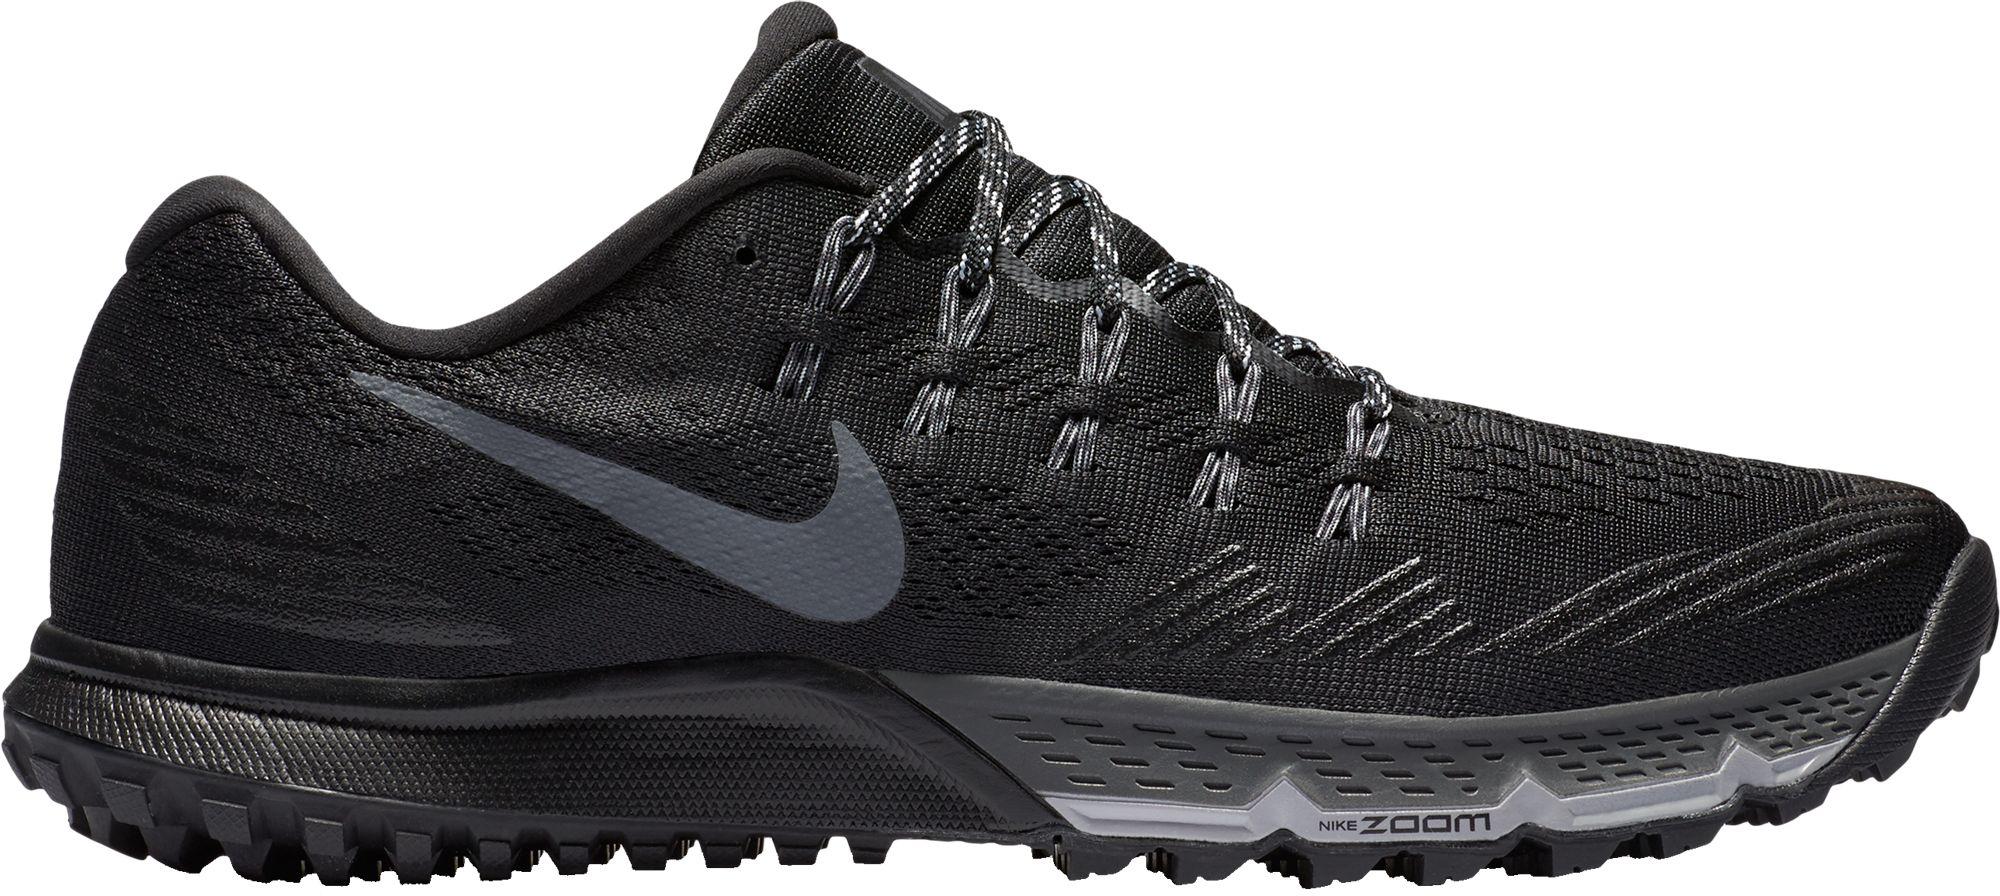 nike trail running shoes noimagefound ??? OVSBDXL